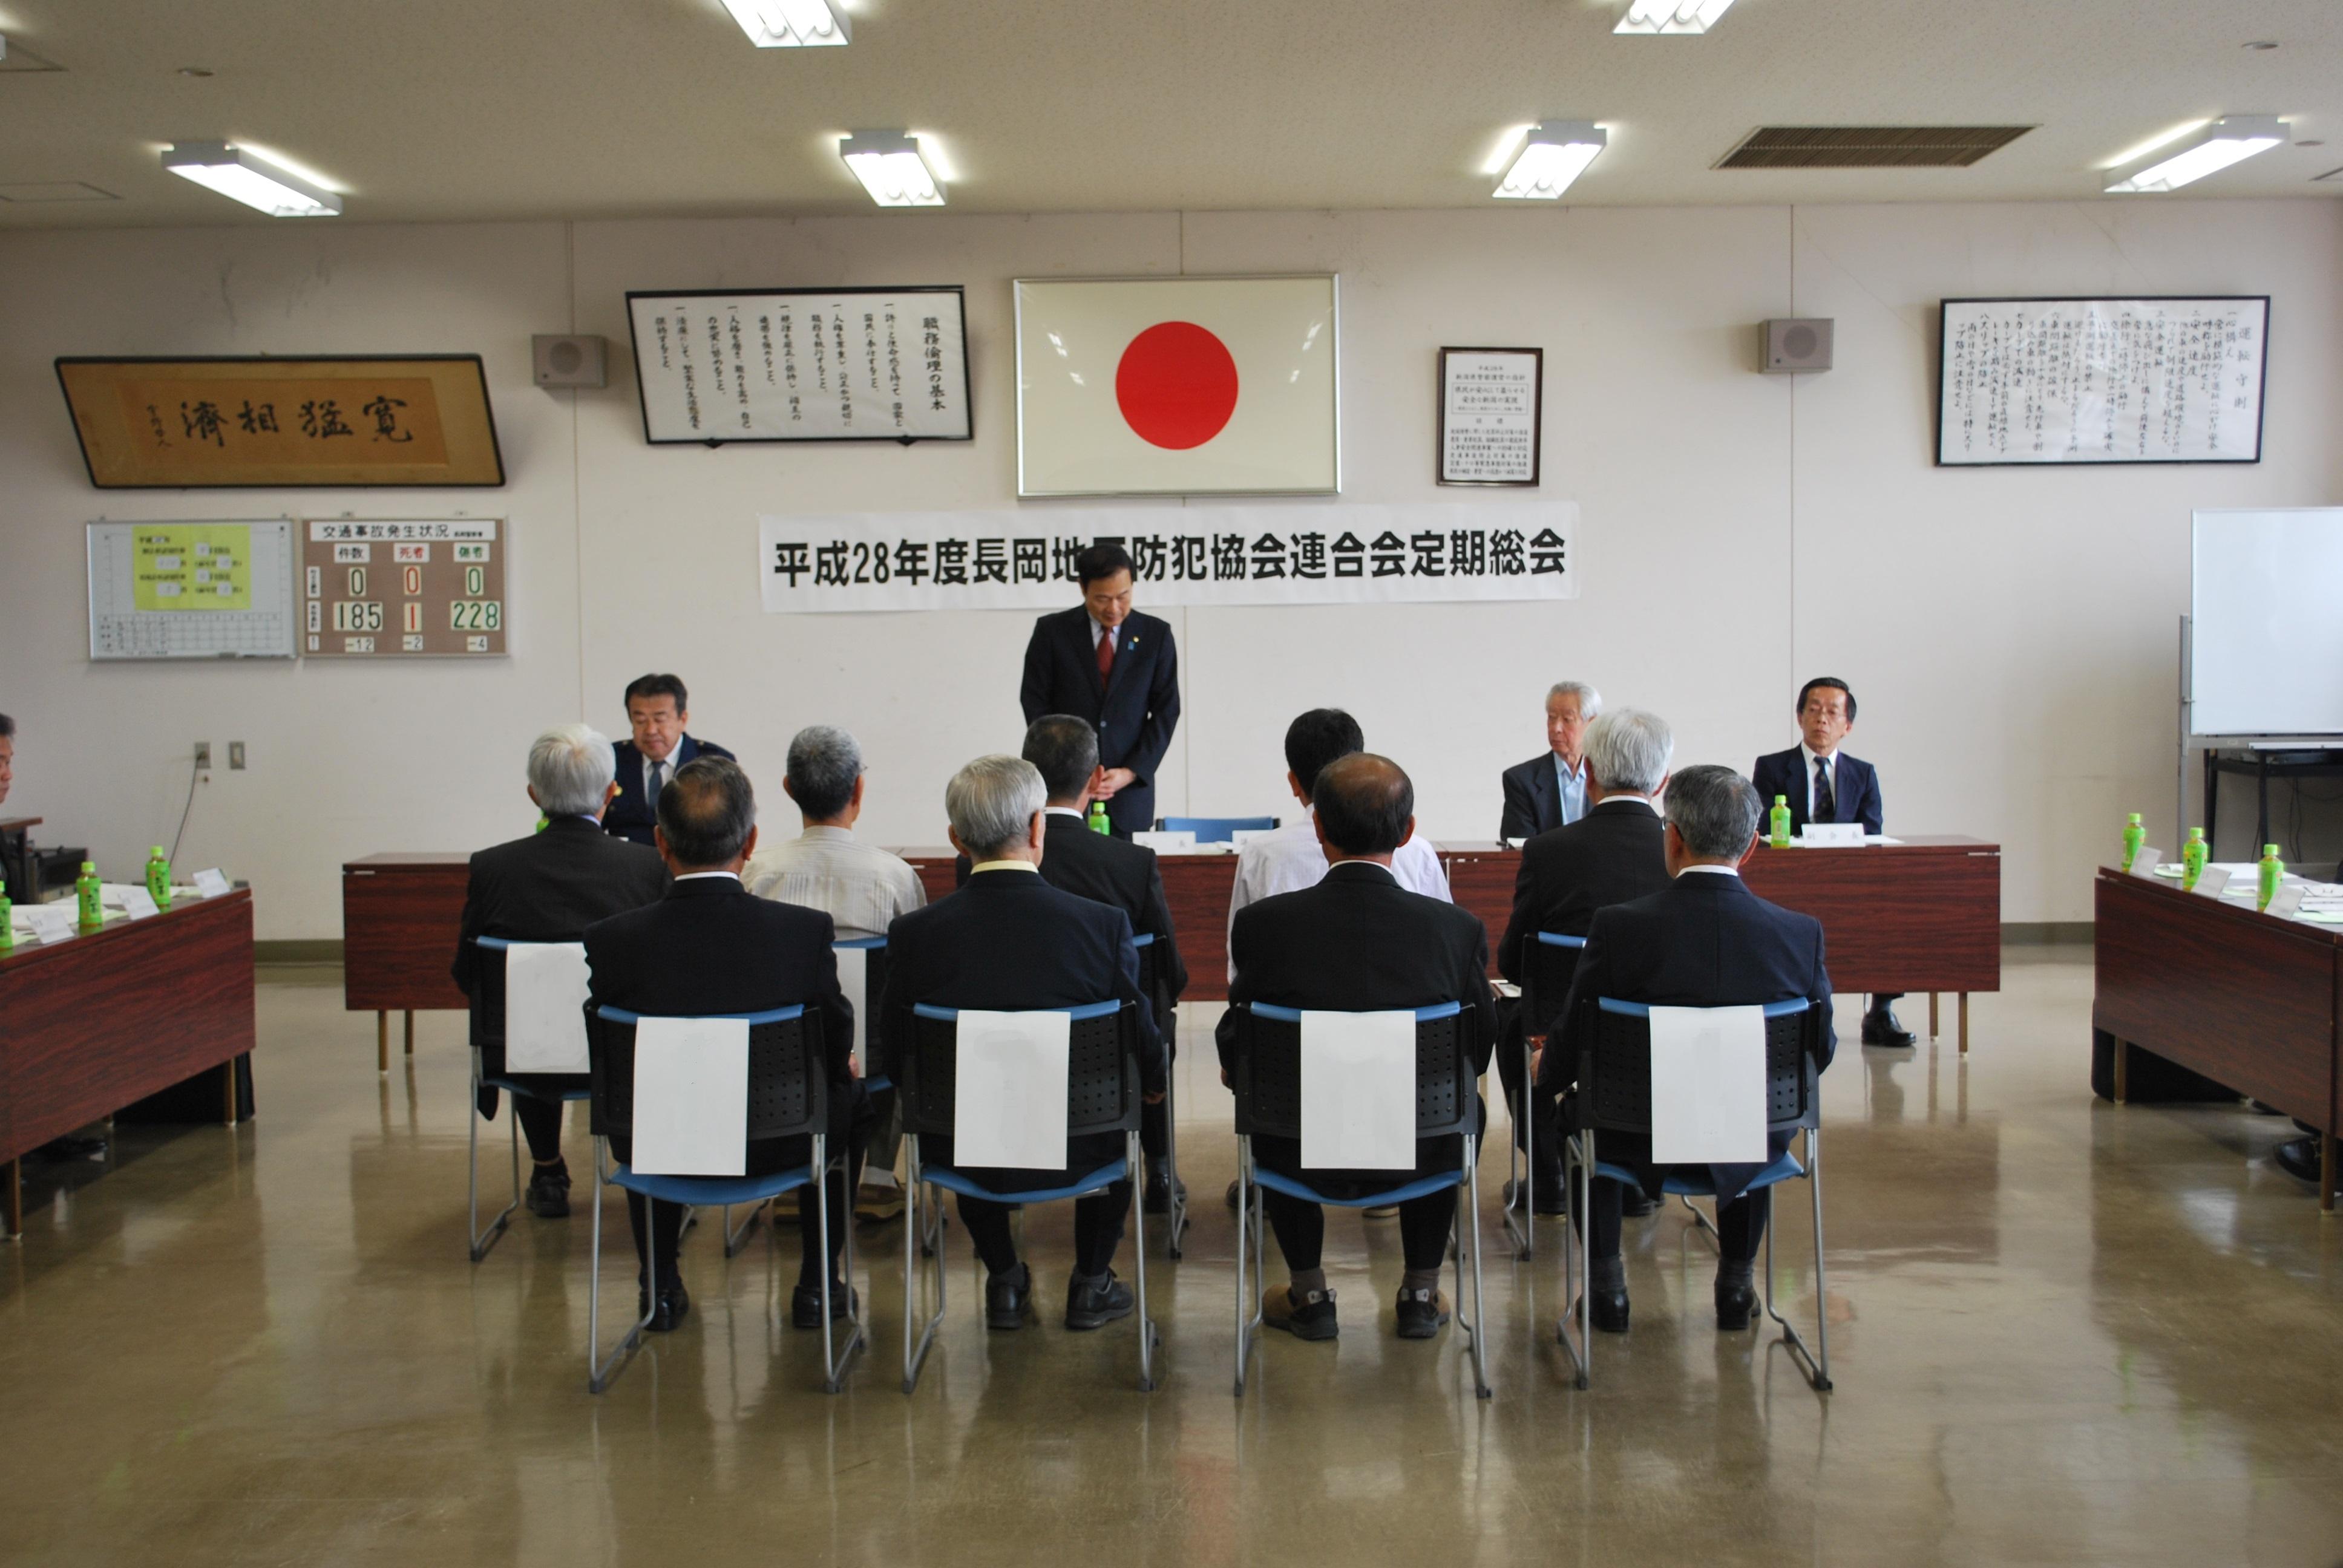 平成28年度 定期総会が行われま...